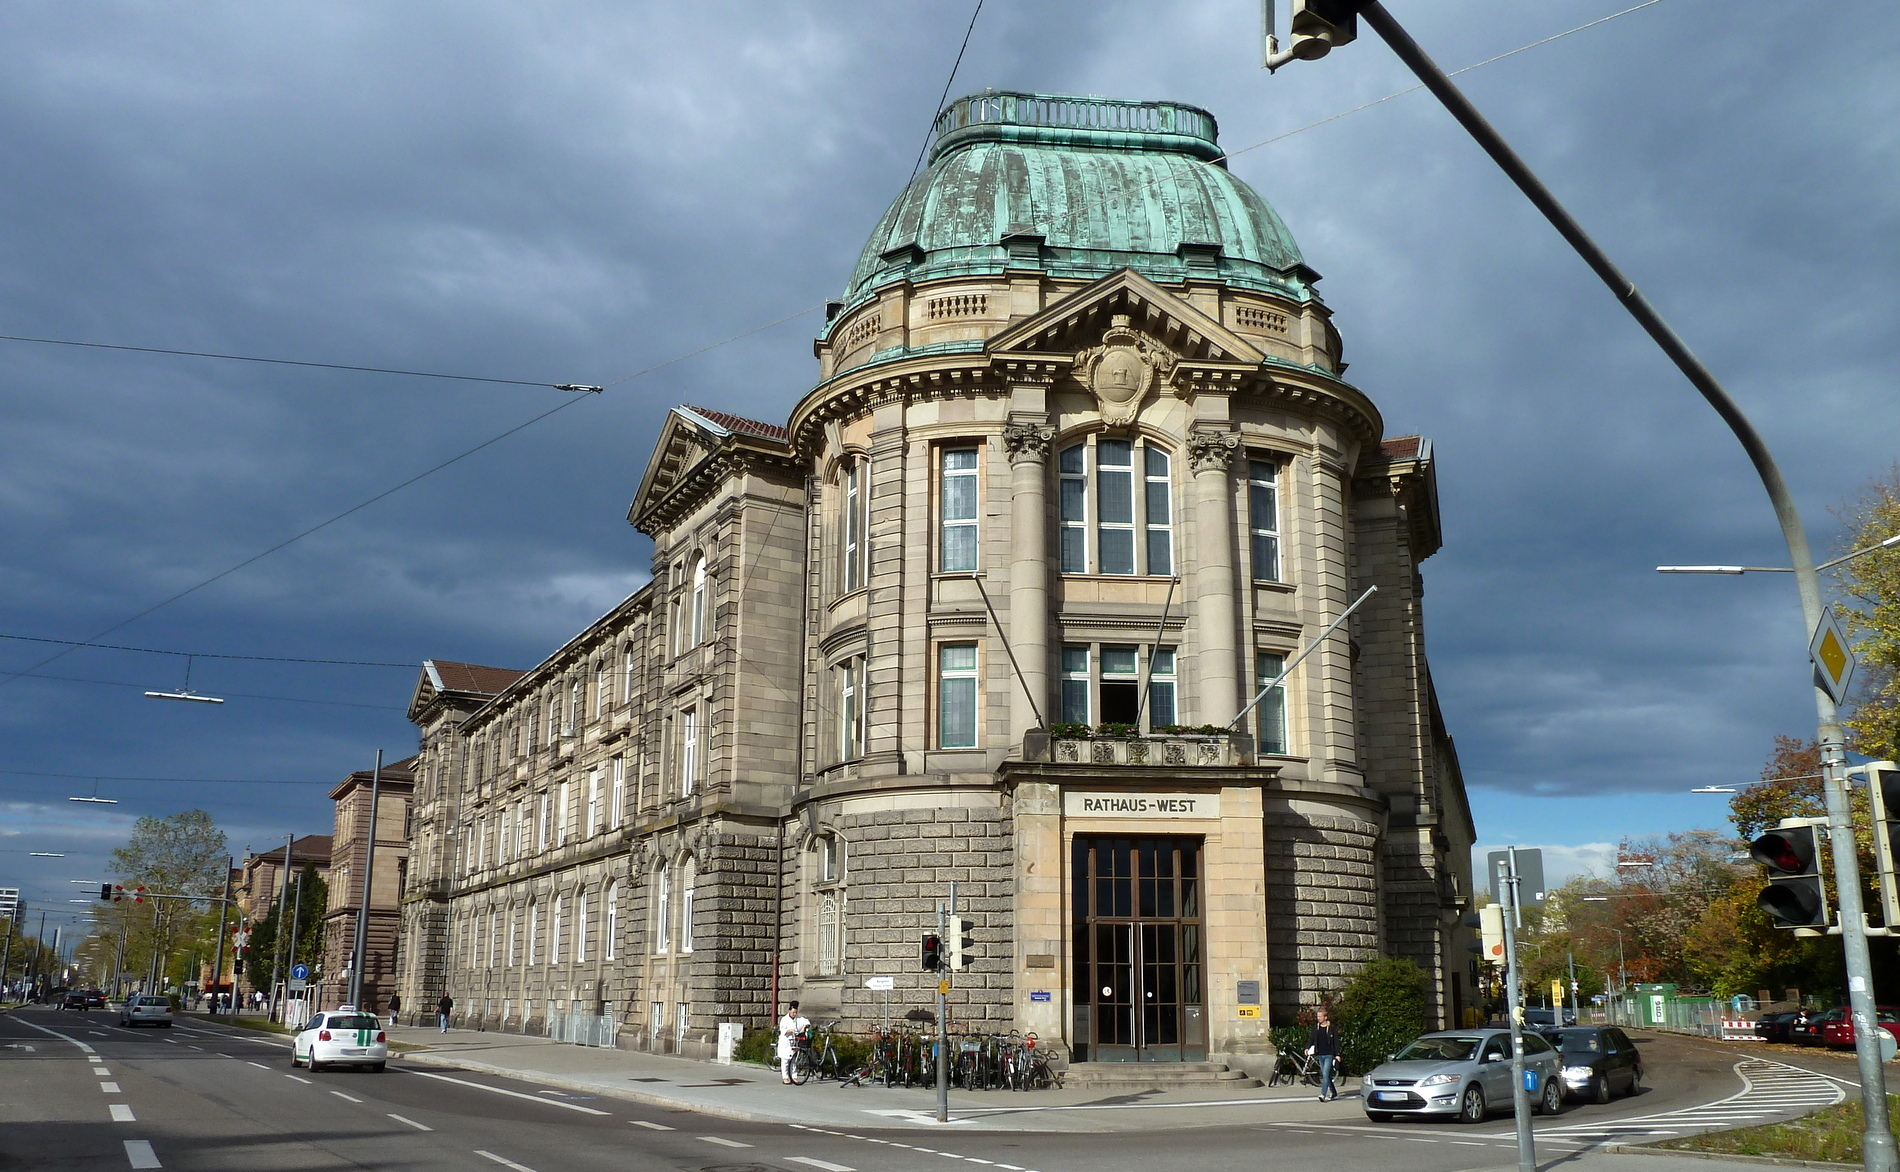 Karlsruhe Rathaus West